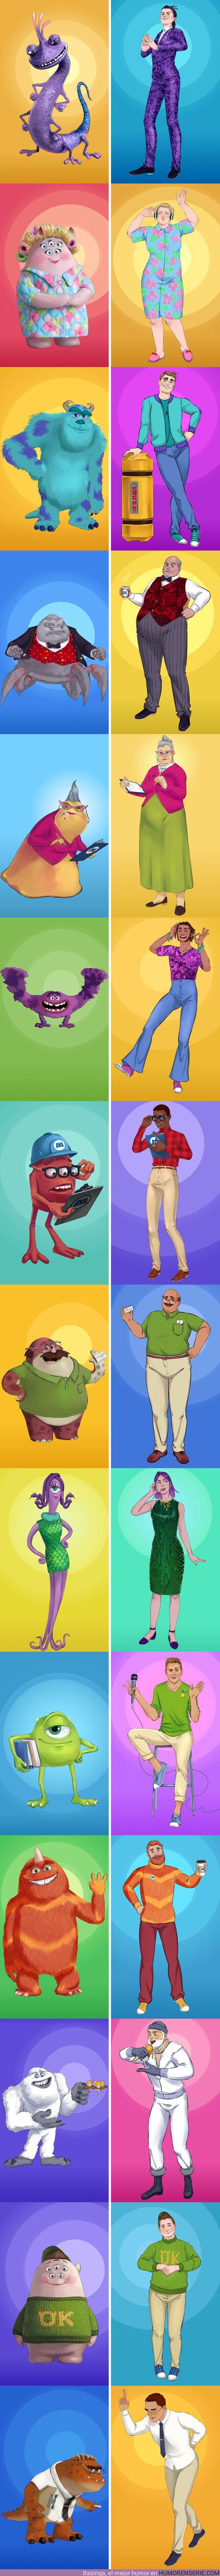 """60932 - GALERÍA: Imaginamos cómo se verían los personajes de """"Monsters, Inc."""" si fueran humanos"""